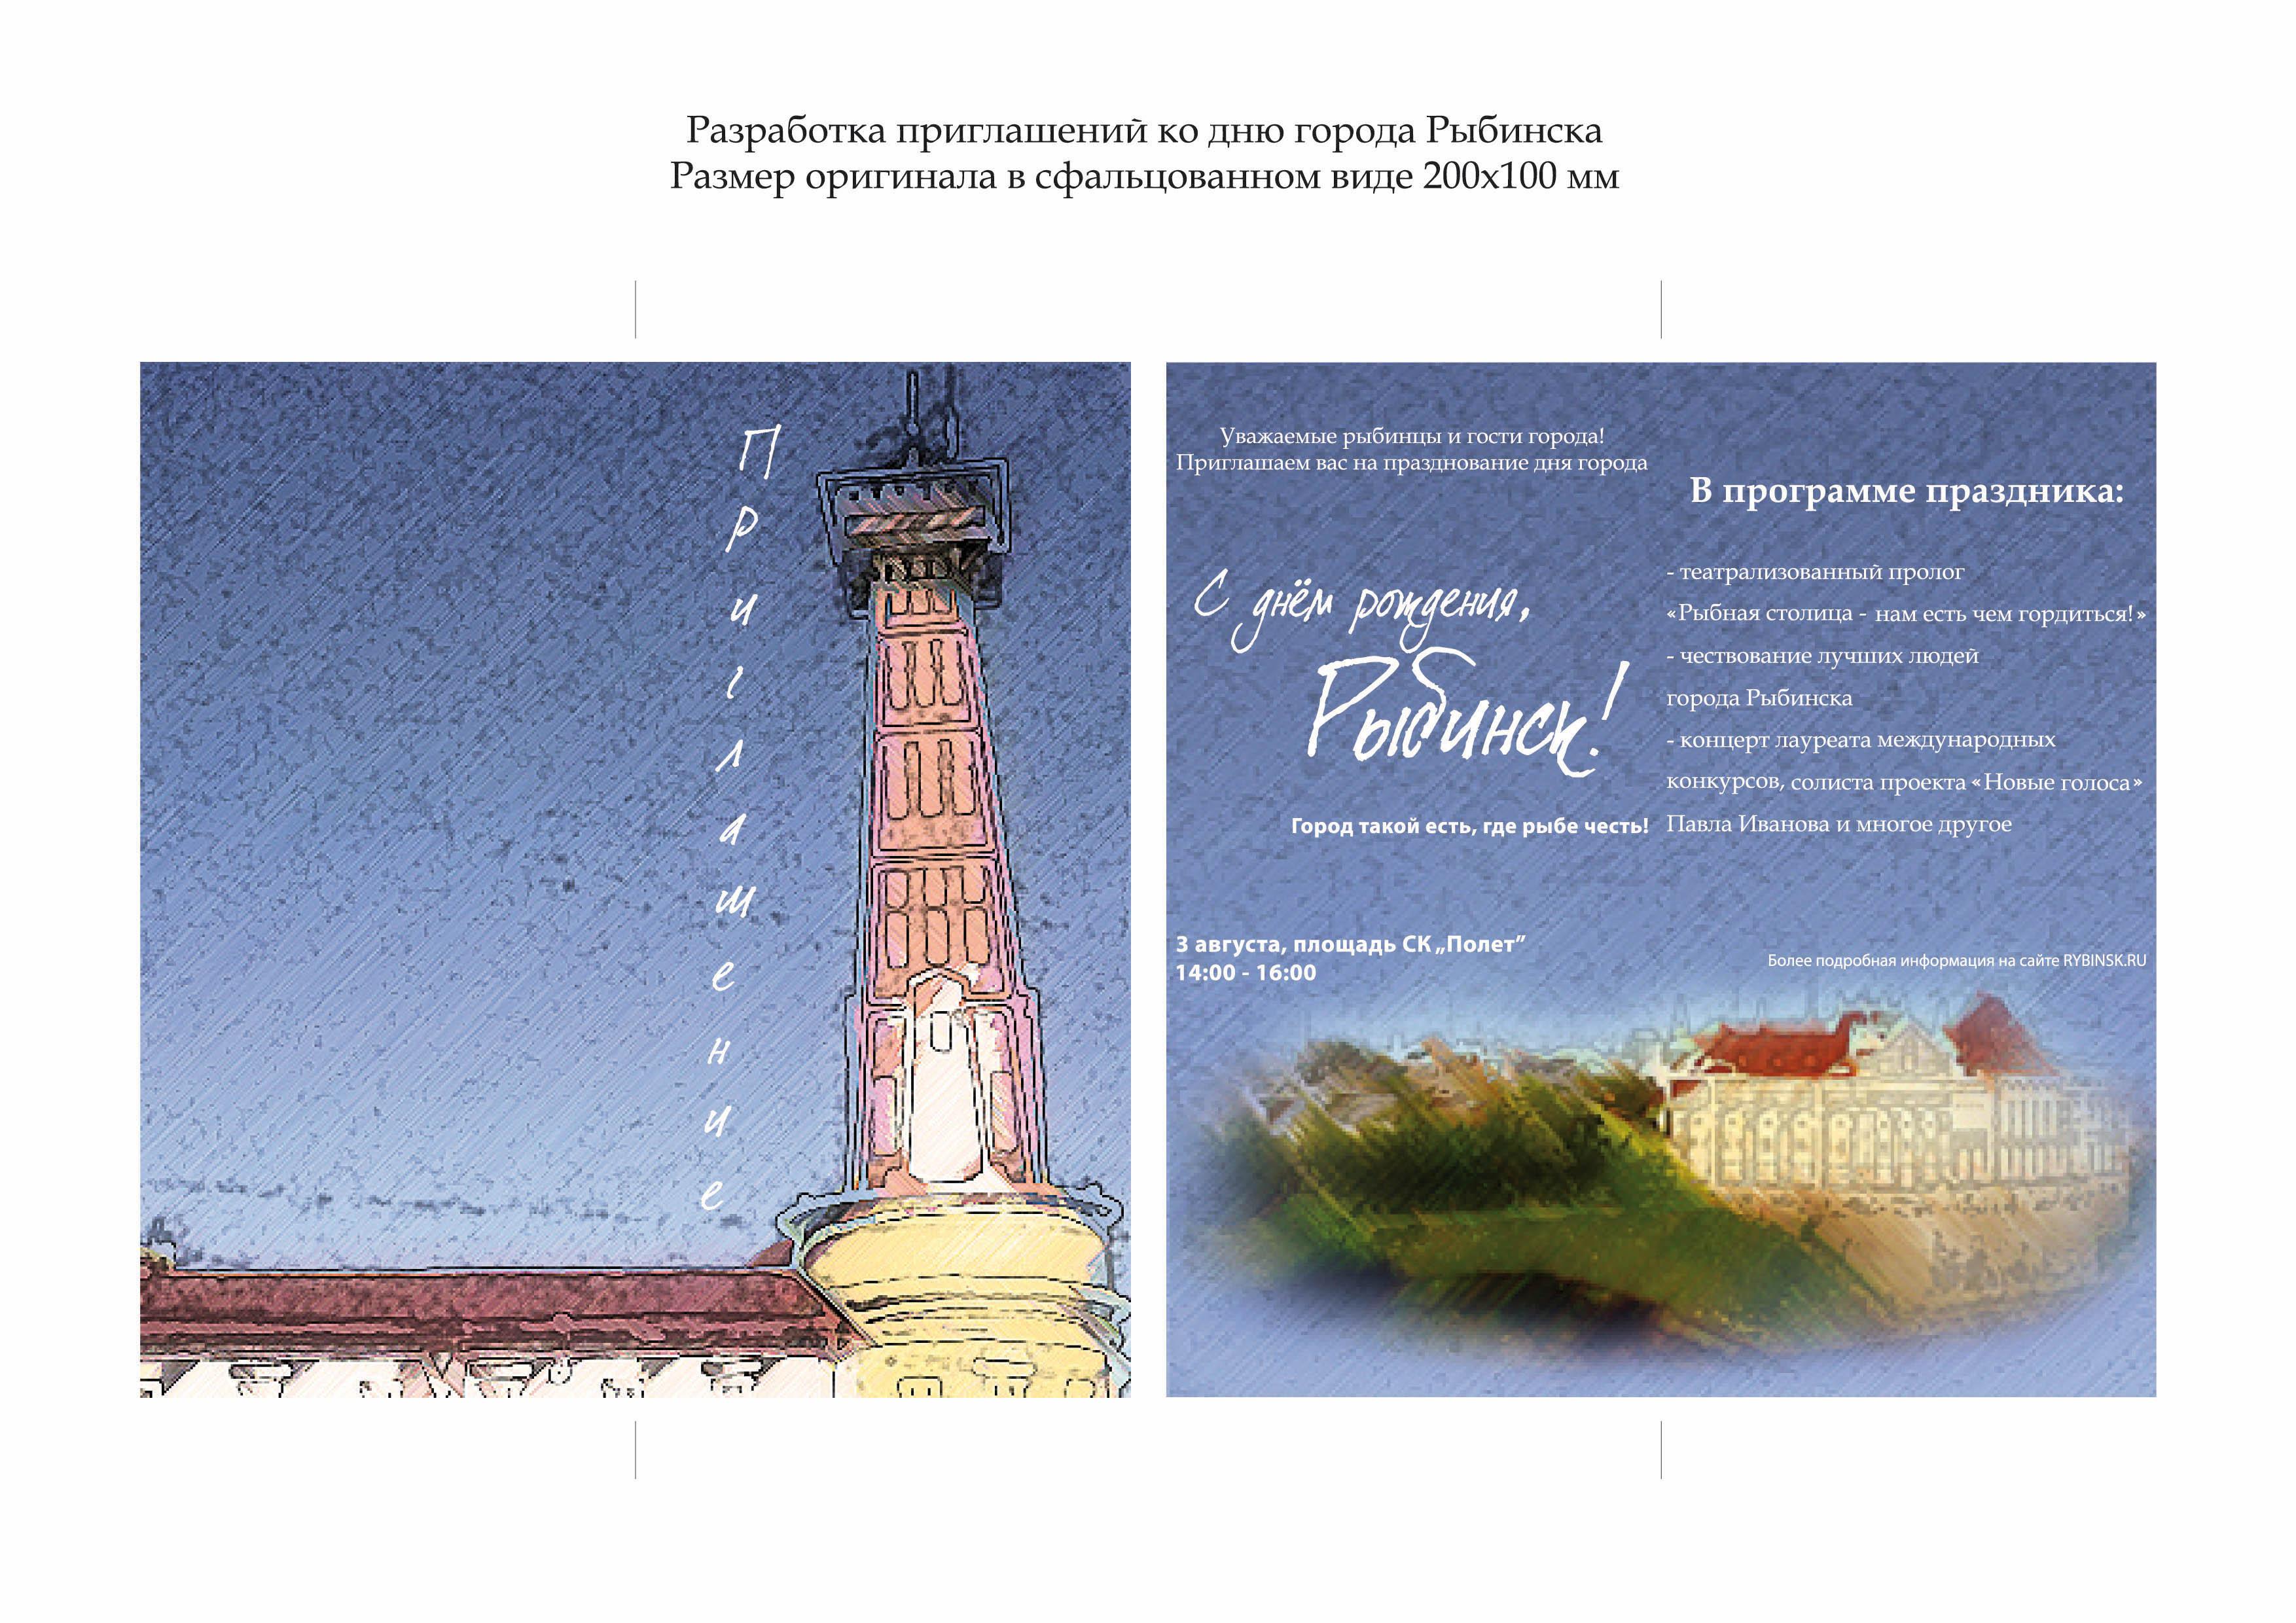 Приглашение открытка на день города